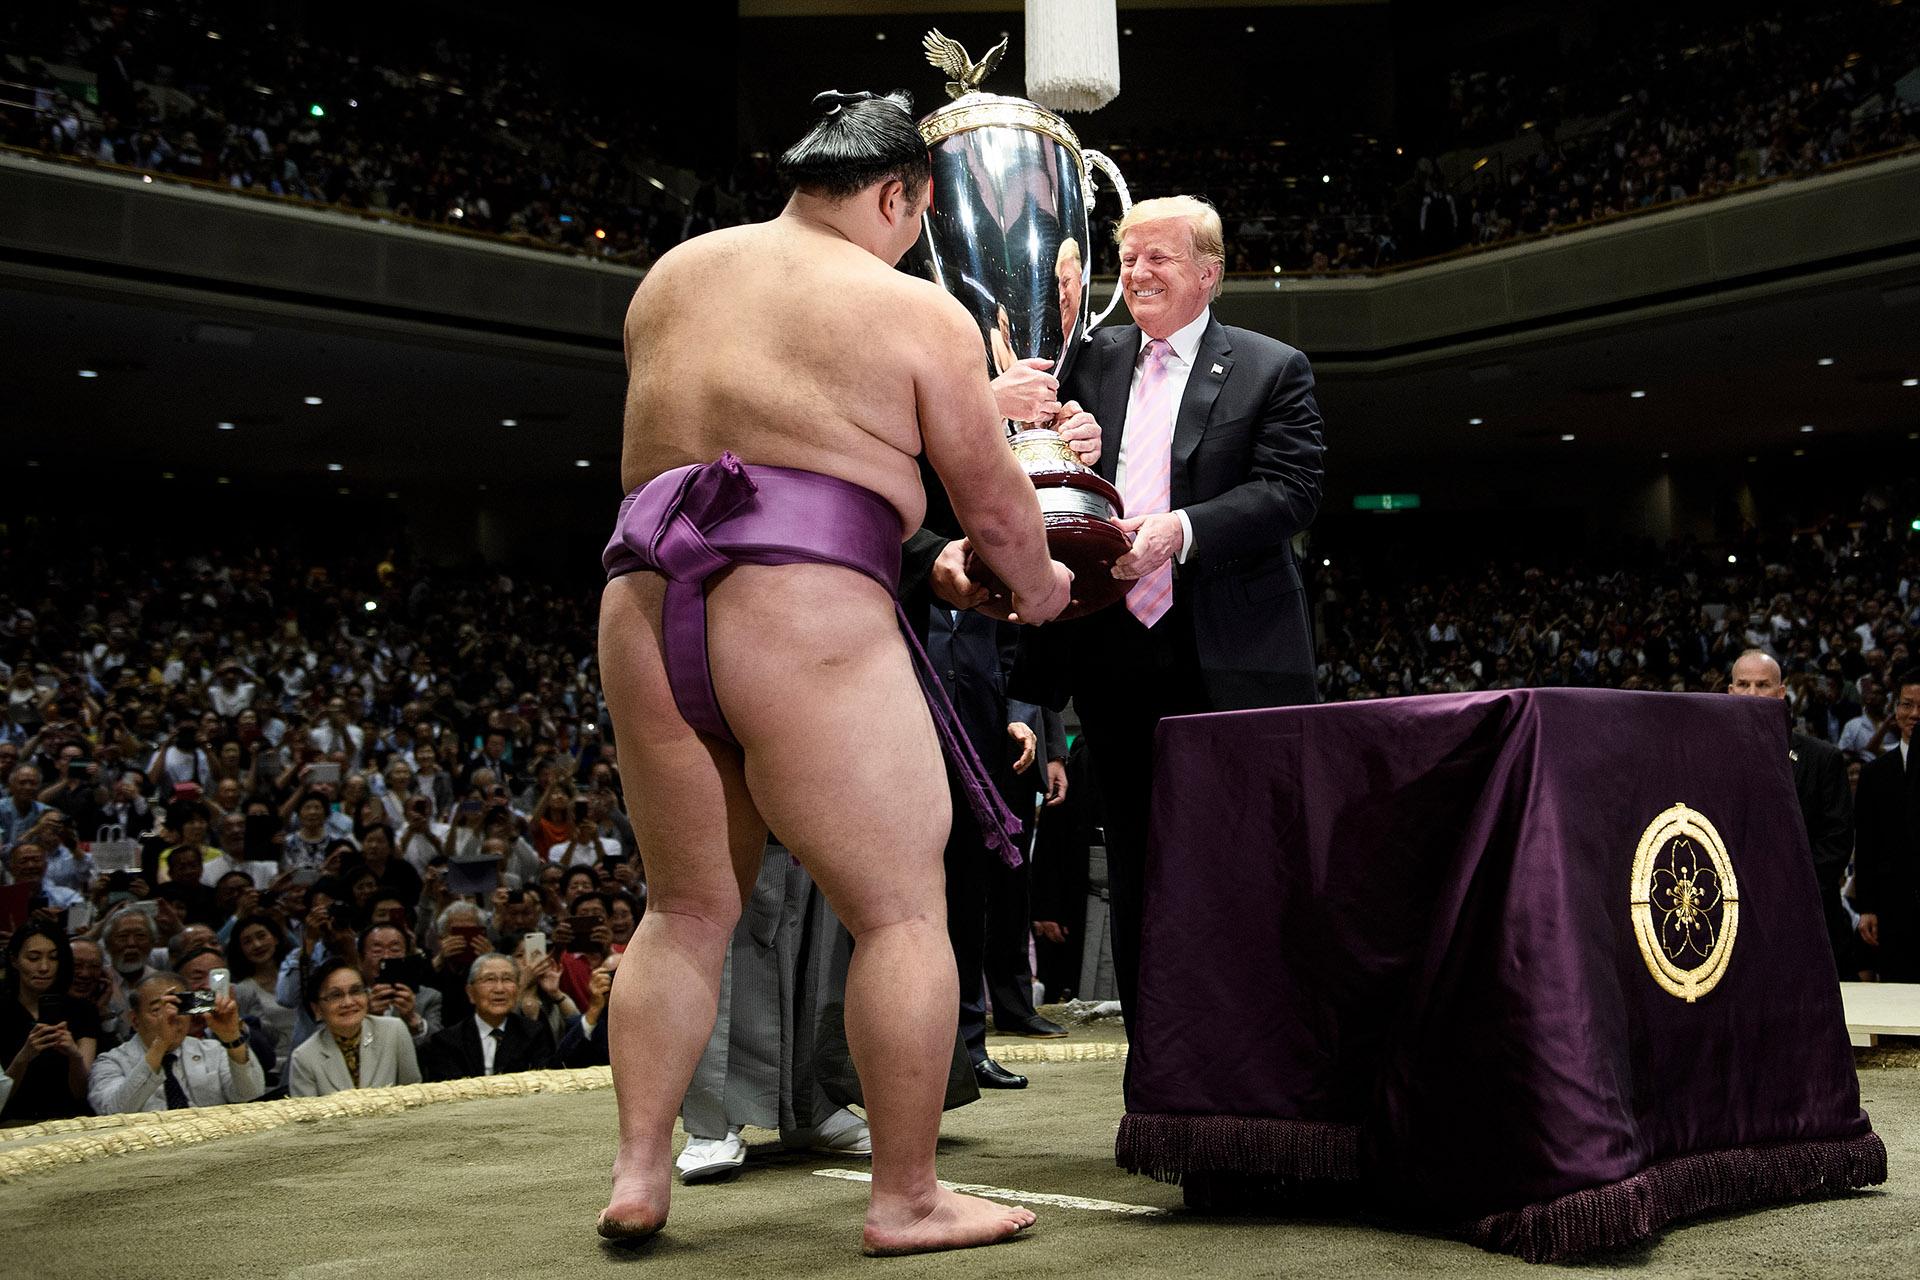 """""""Me alegró mucho (recibir la copa). Pero no puedo expresarlo con palabras"""", afirmó Asanoyama poco después de que Trump y Abe abandonaran el lugar tras la ceremonia de entrega del trofeo"""